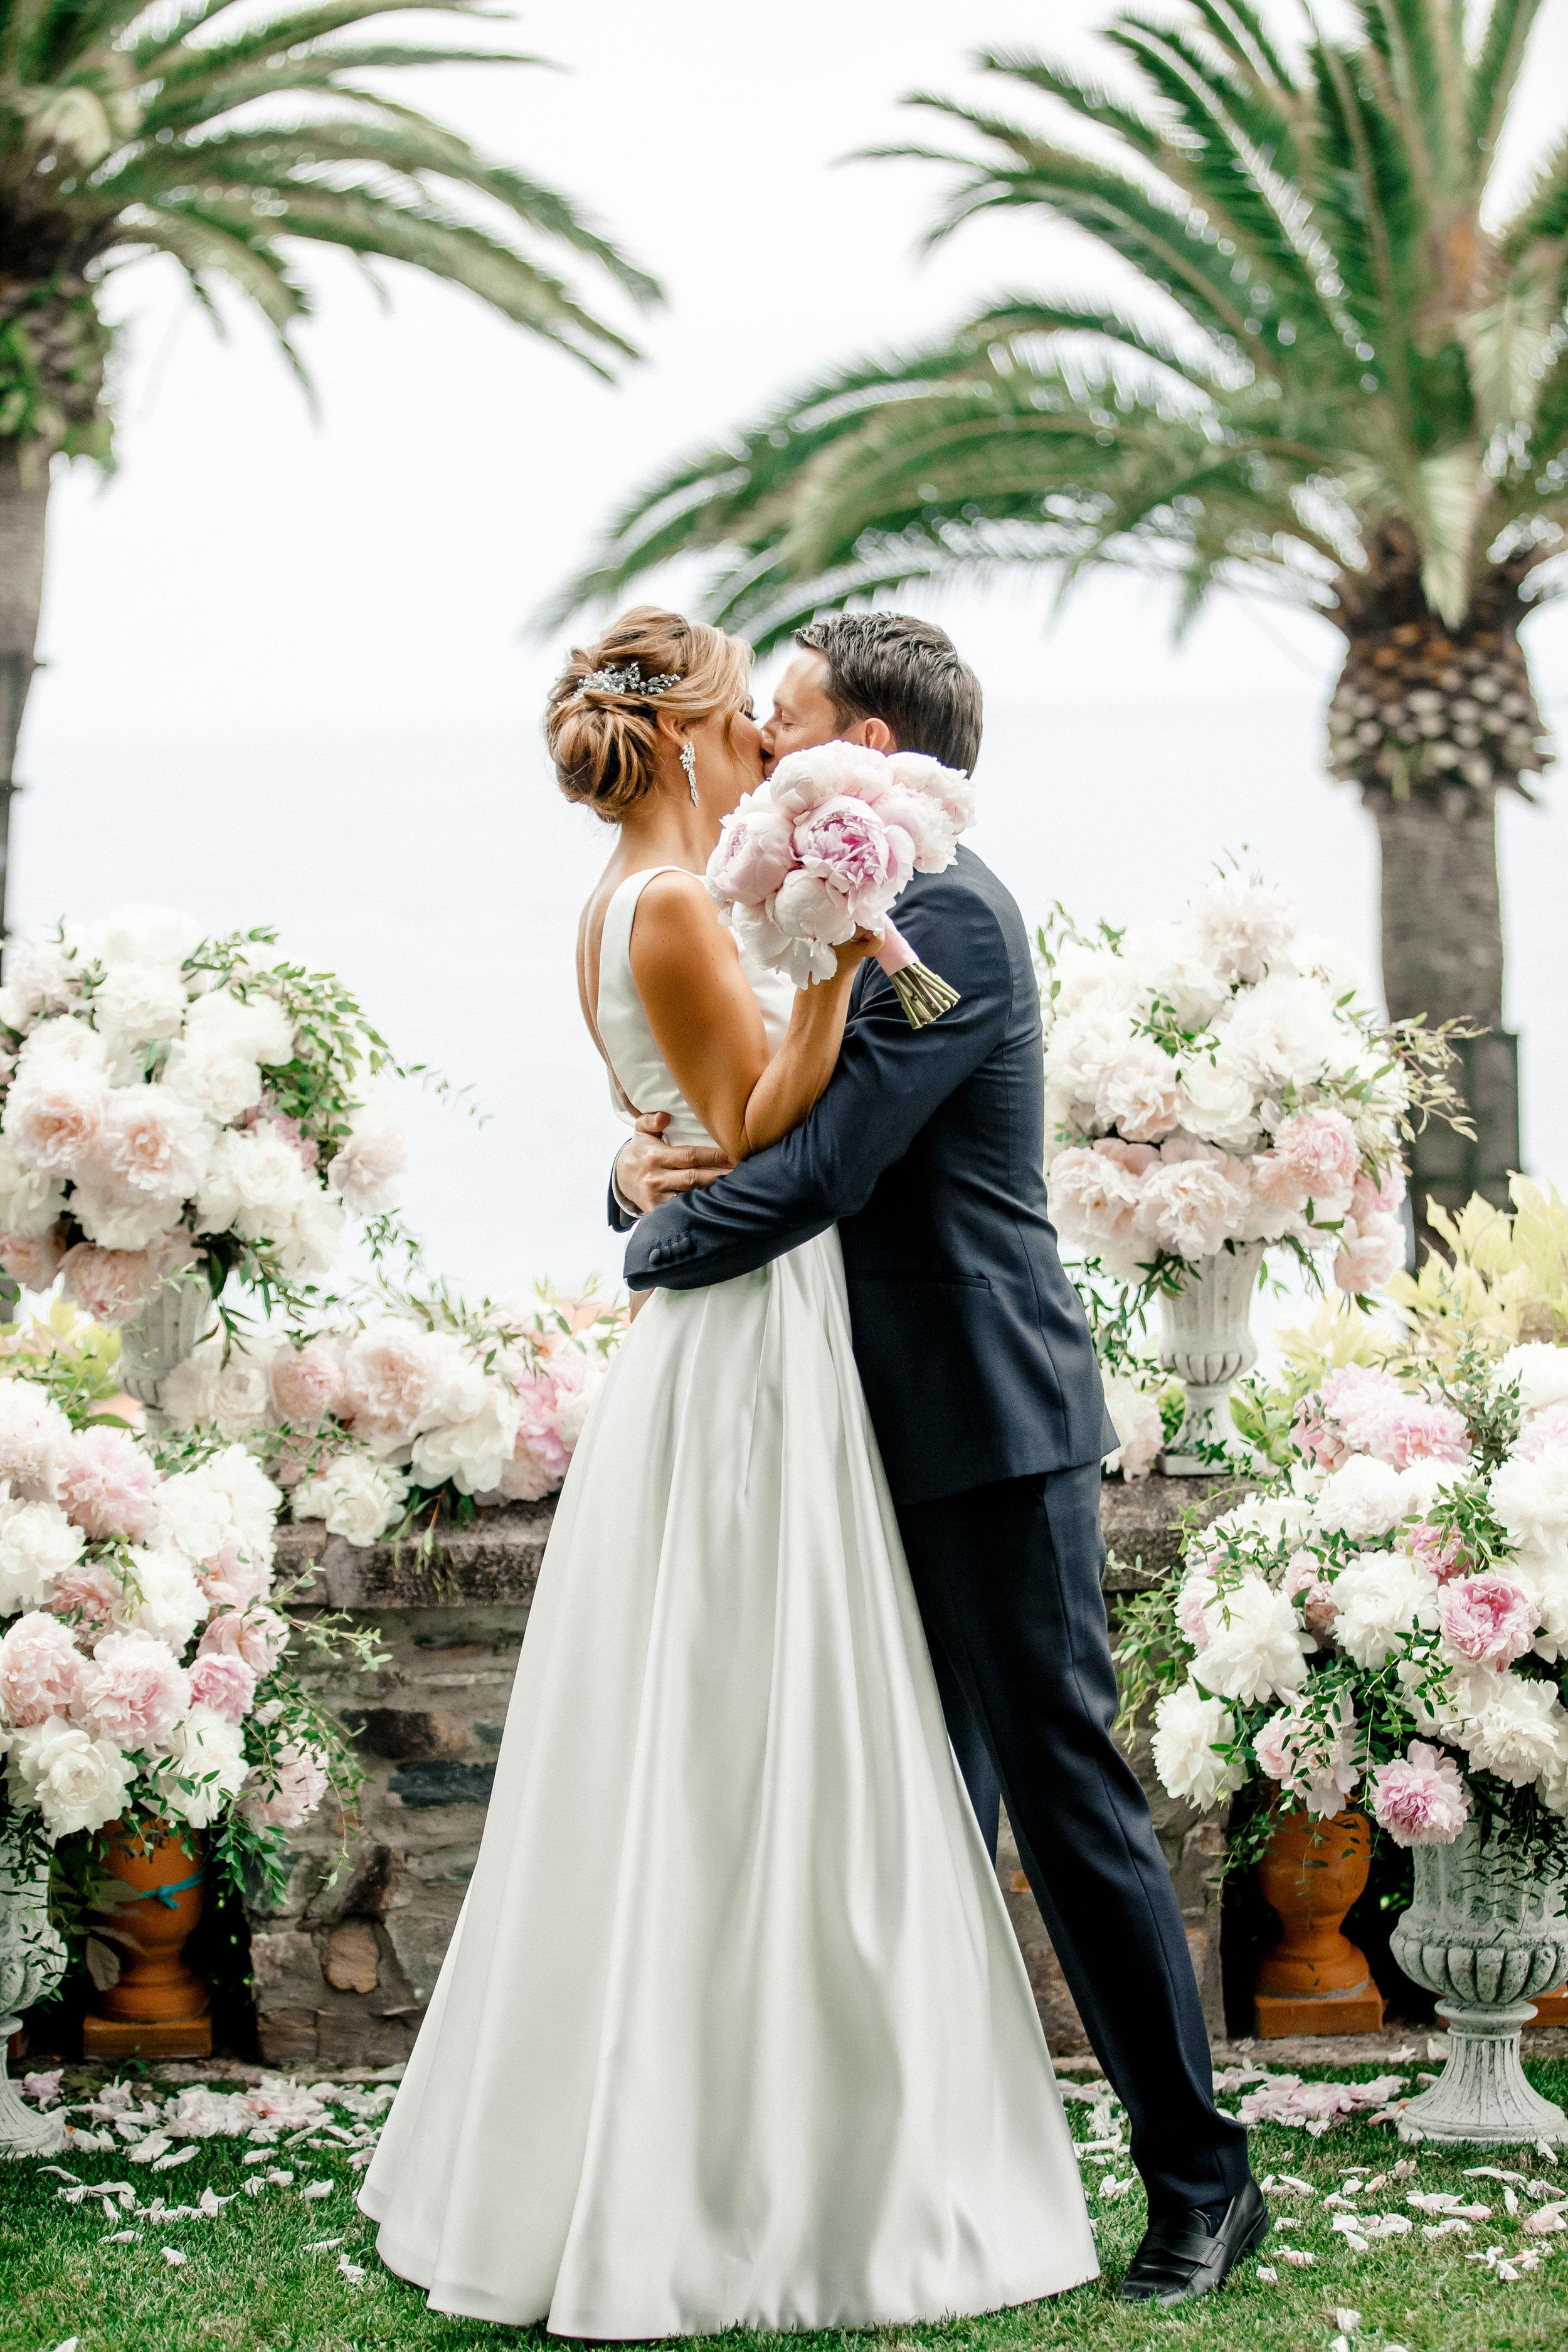 341-Marina-Fadeeva-wedding-photographer.jpg